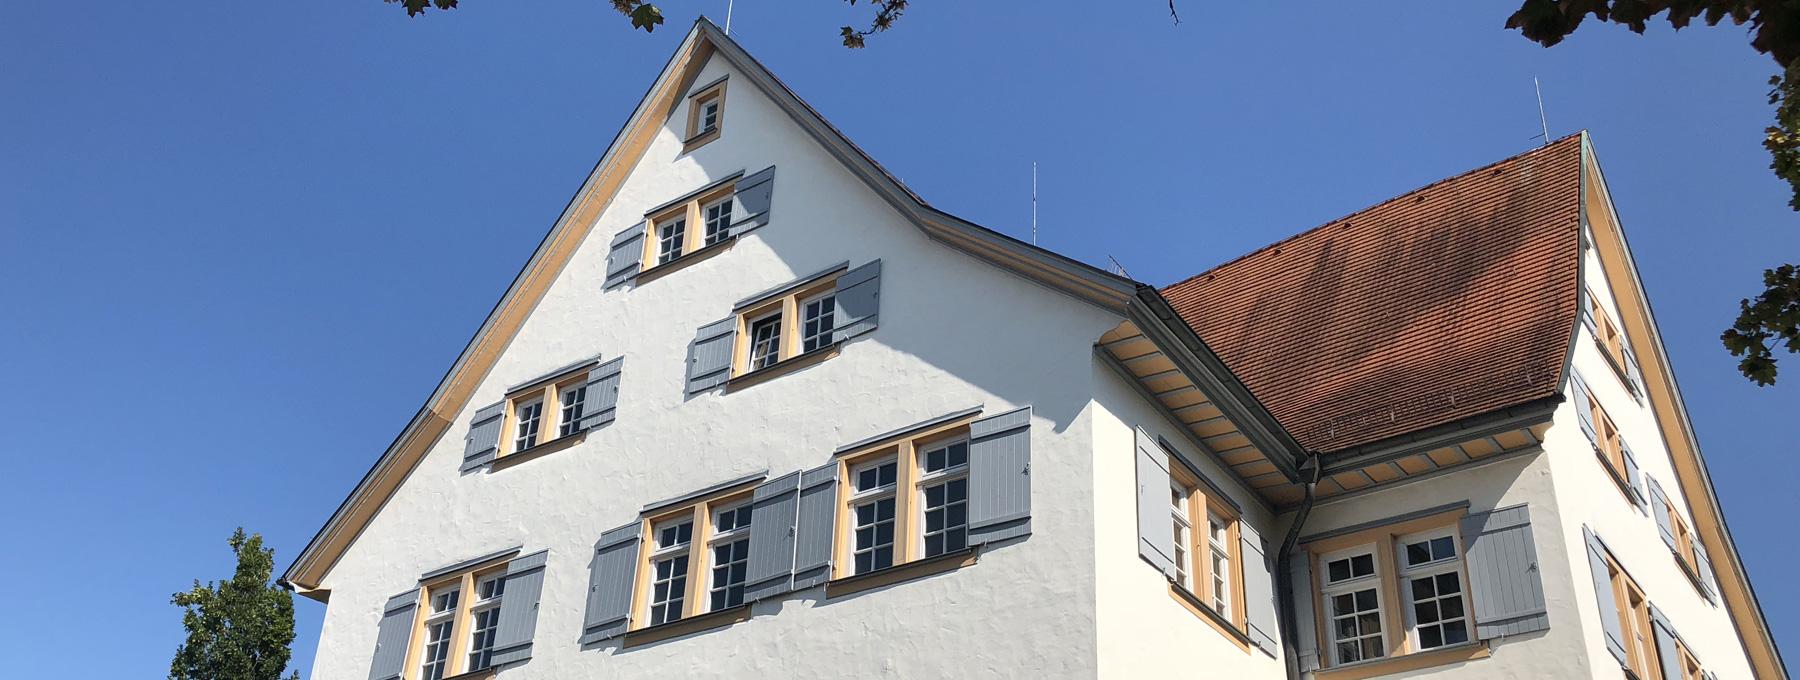 Außenansicht Musikschule Kirchheim unter Teck